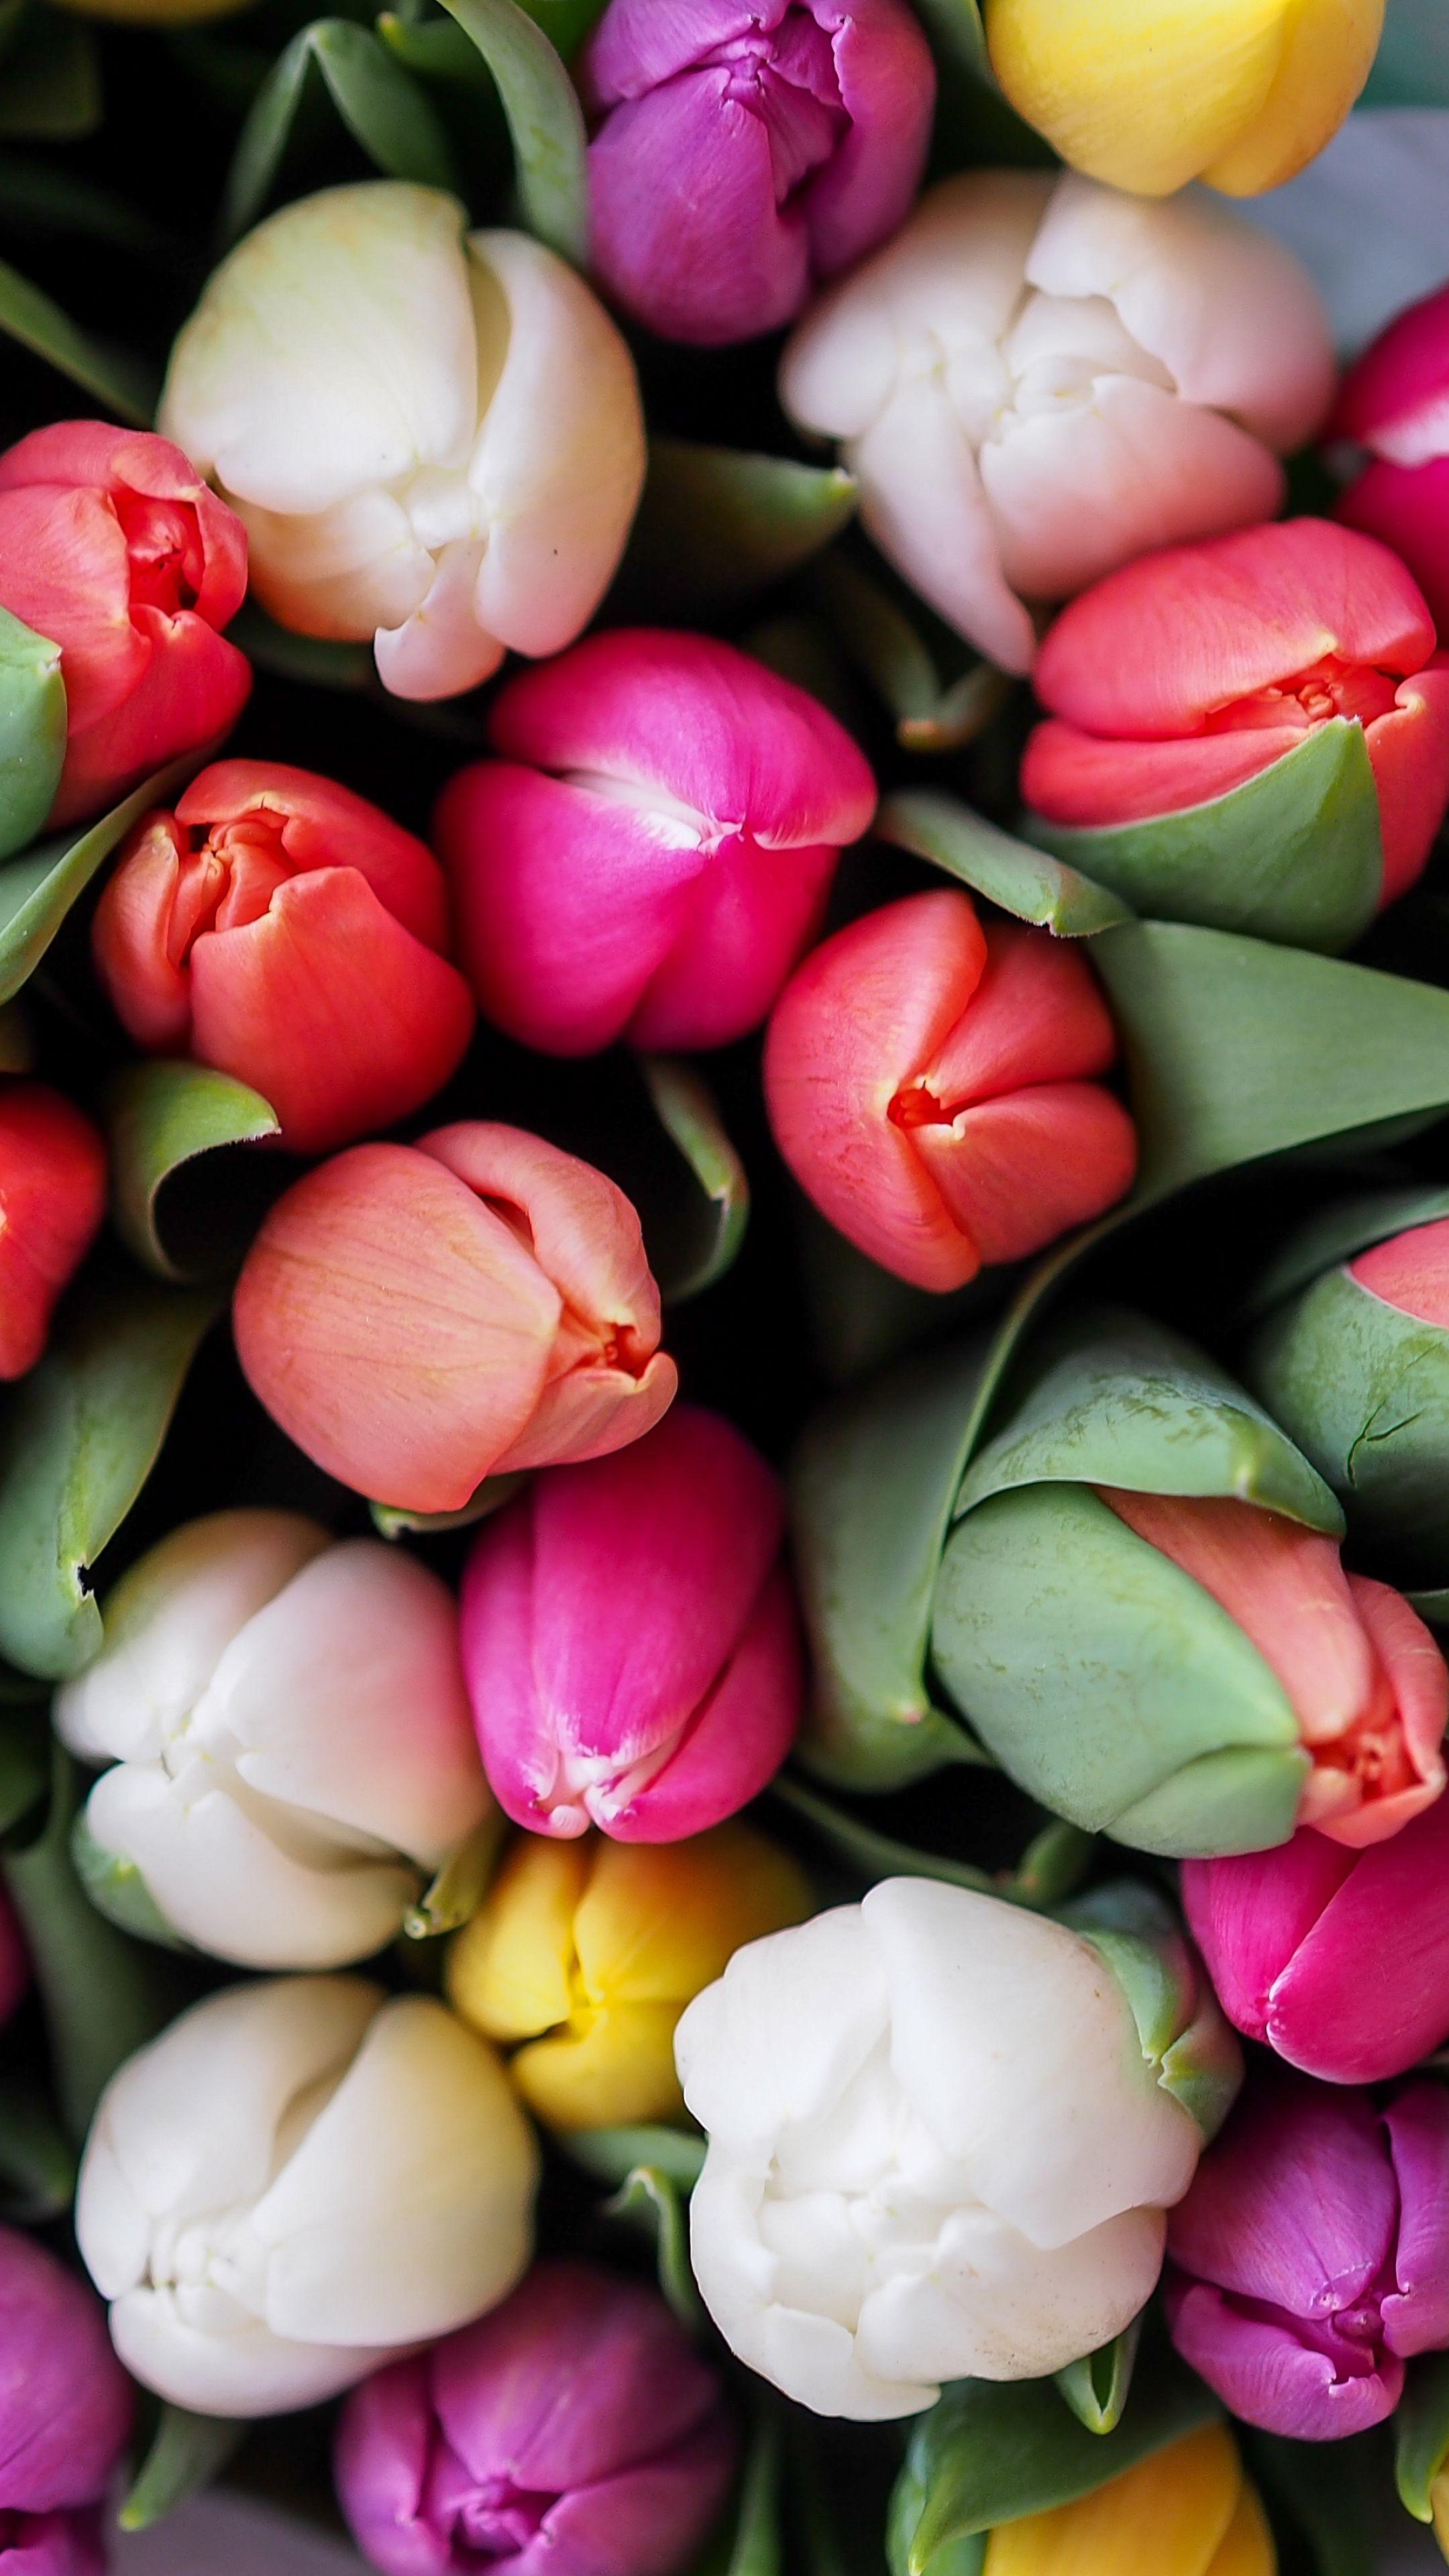 Картинки для айфона цветы